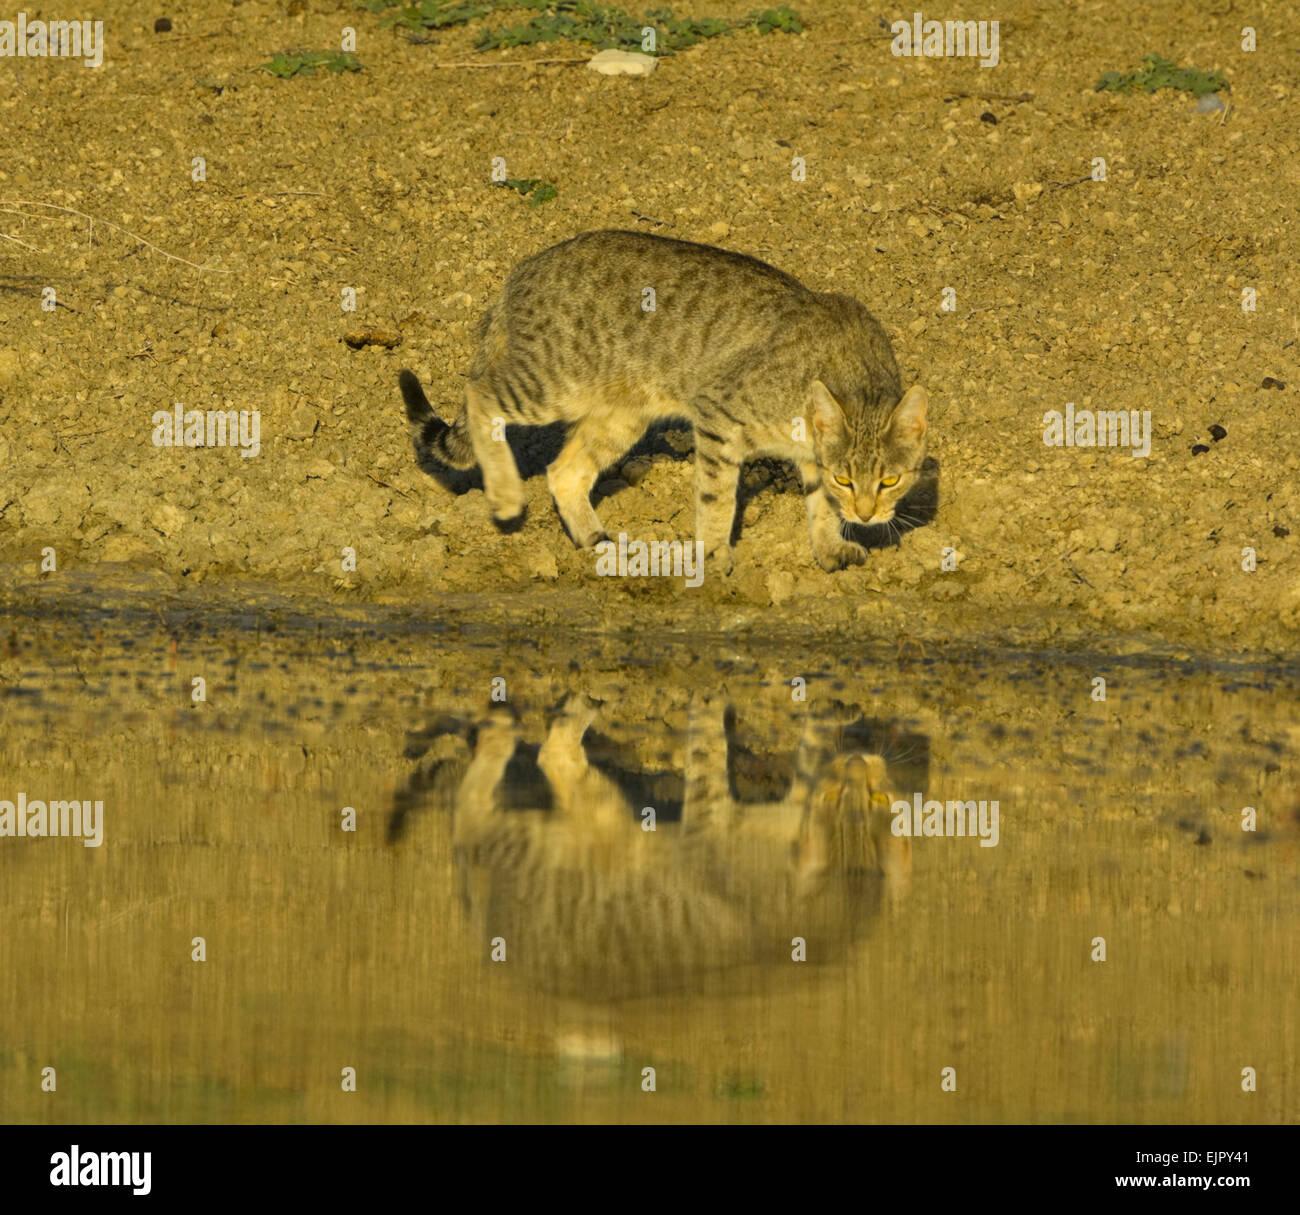 feral-cat-wild-cat-felis-catus-coming-to